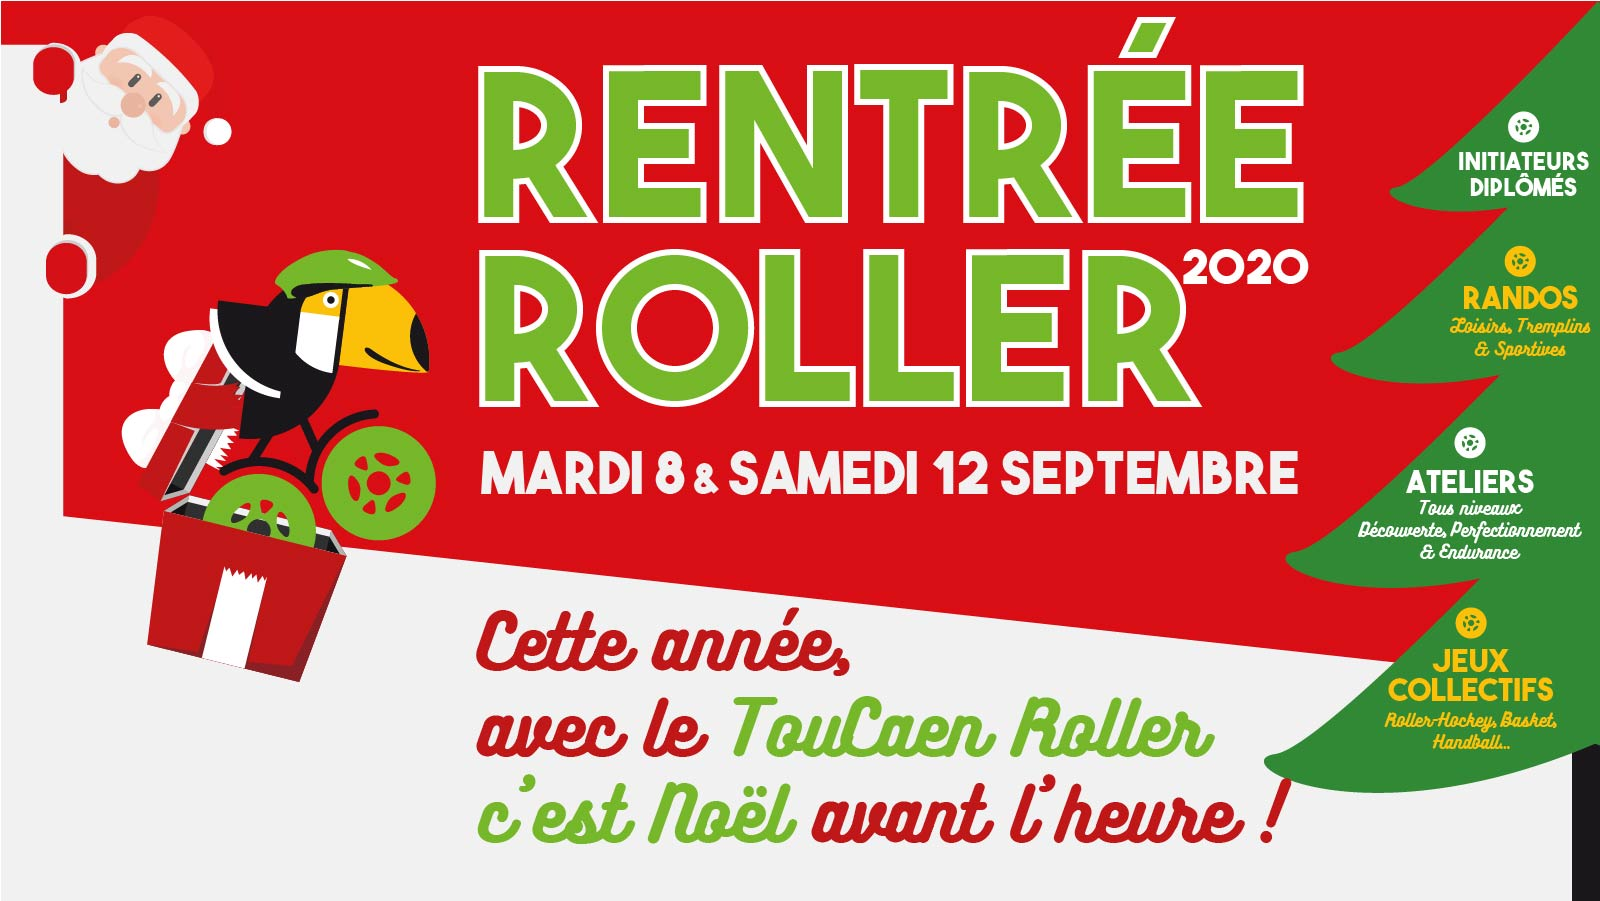 Rentrée TouCaen Roller Inscriptions